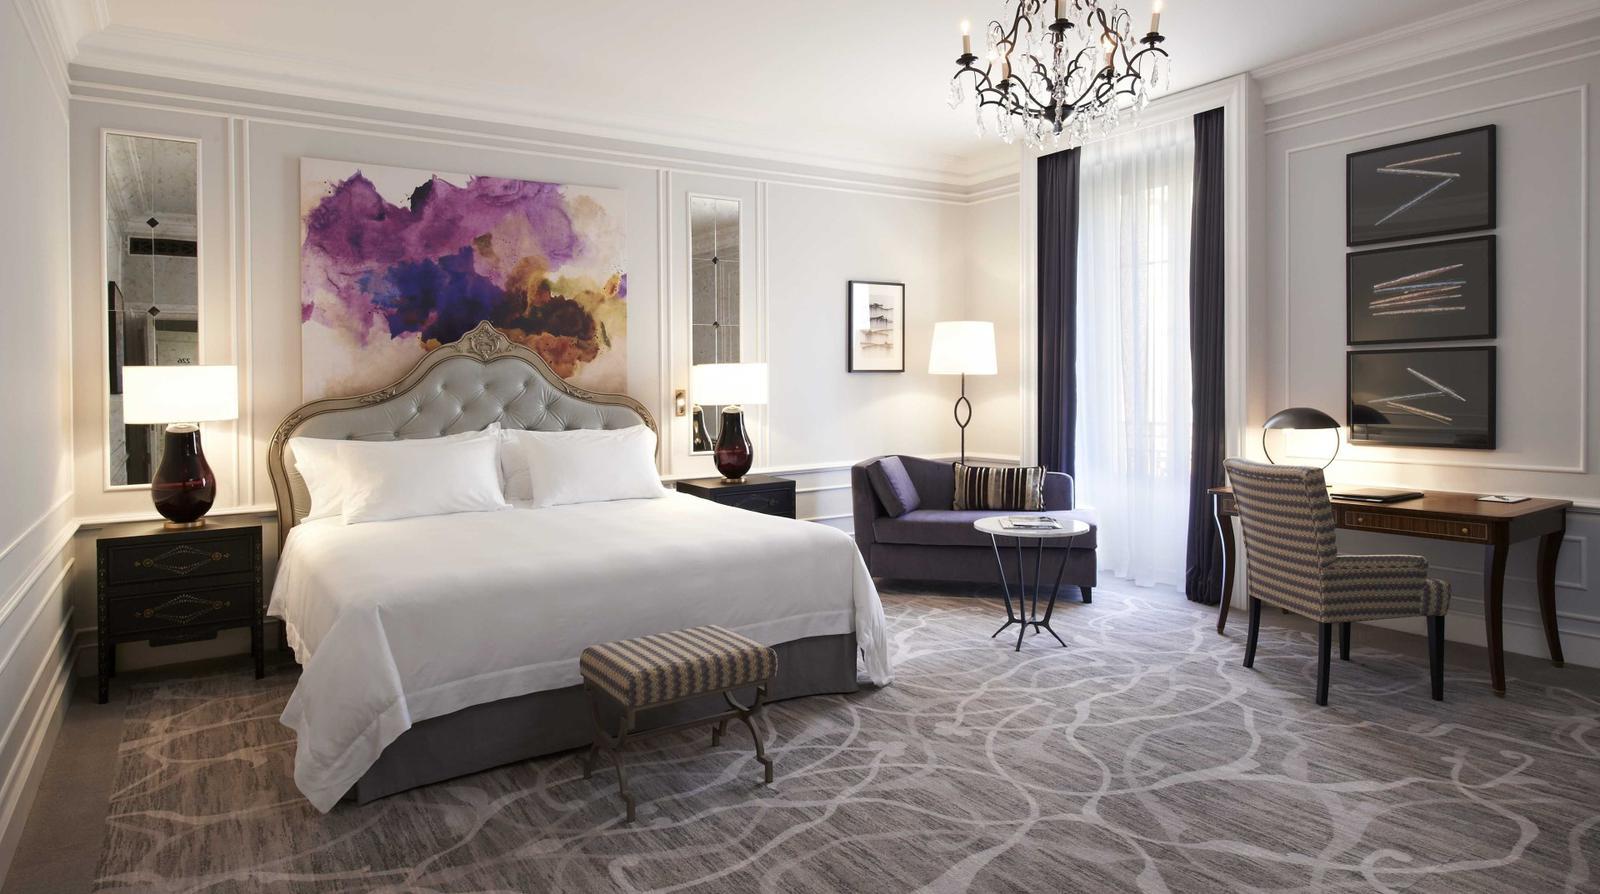 Los mejores hoteles del pa s vasco for Ver habitaciones de hoteles